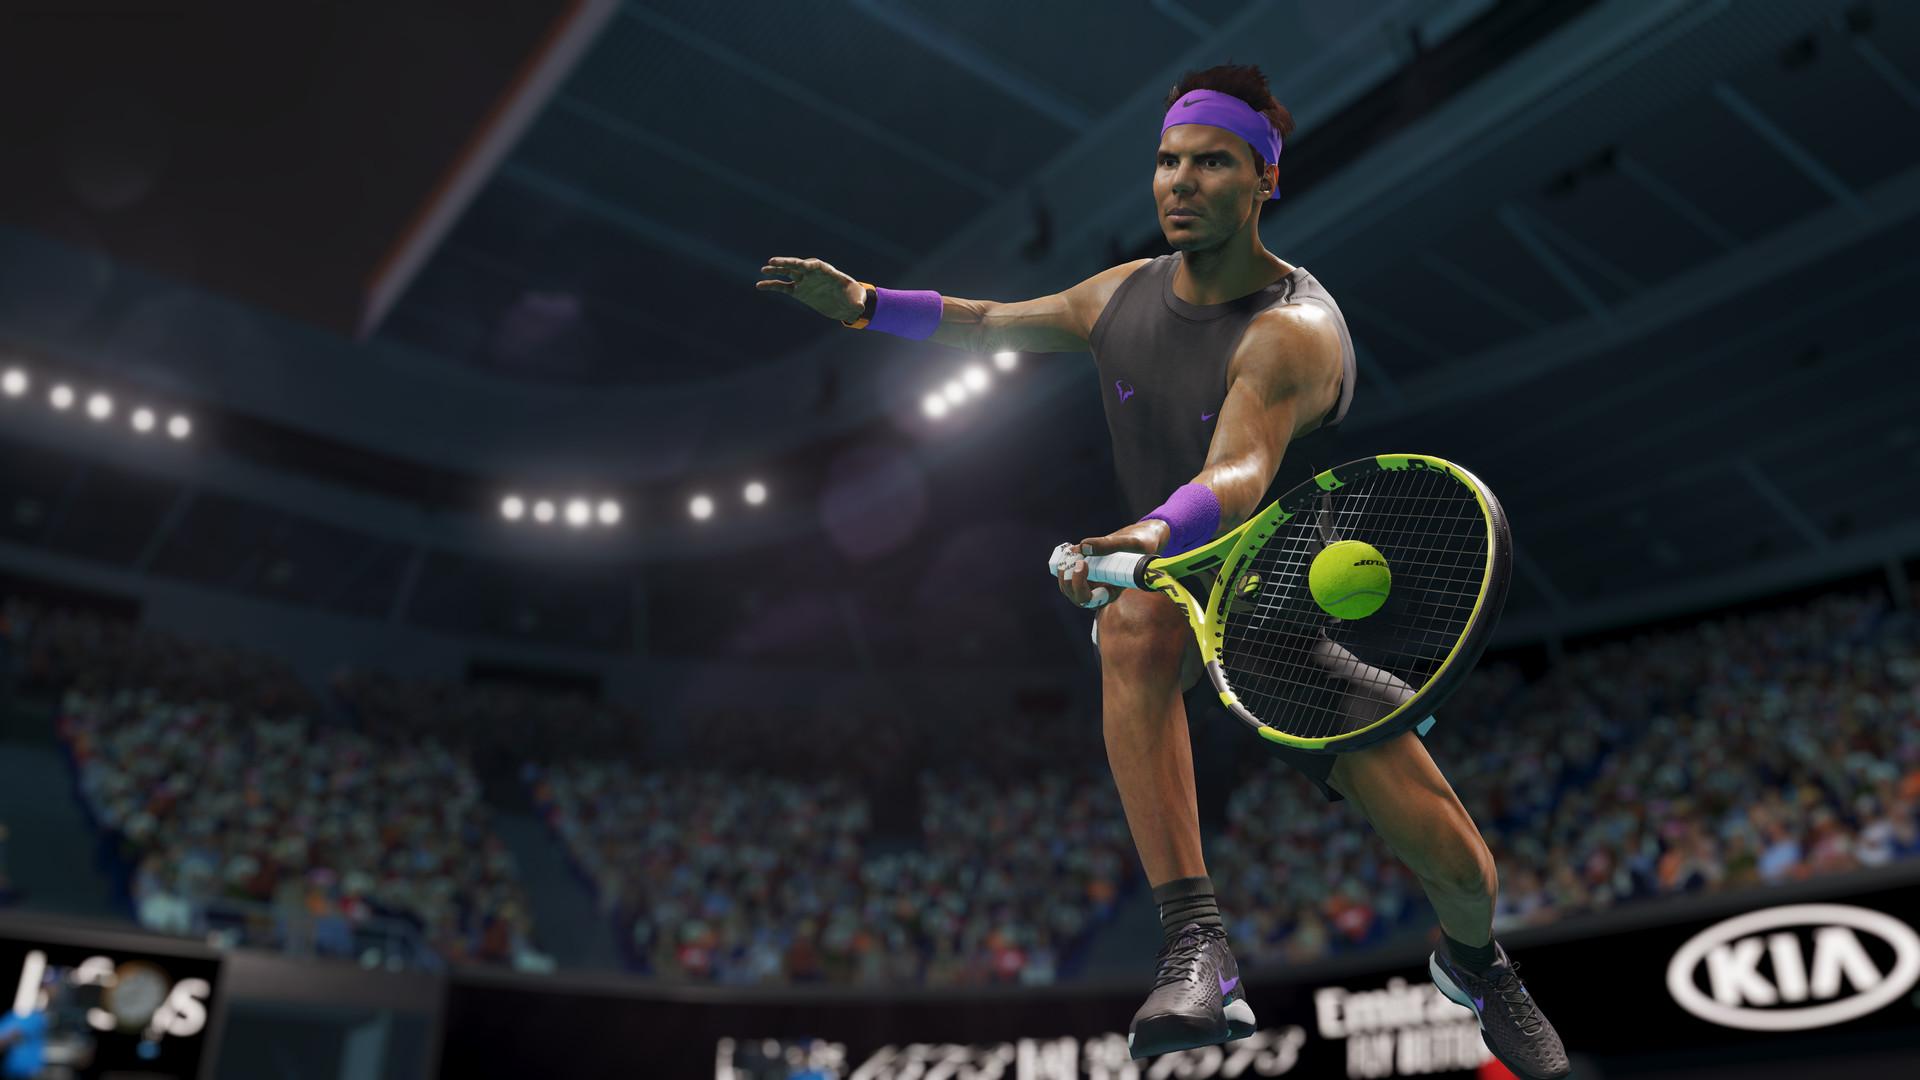 Dnes vychází sportovní hra AO Tennis 2